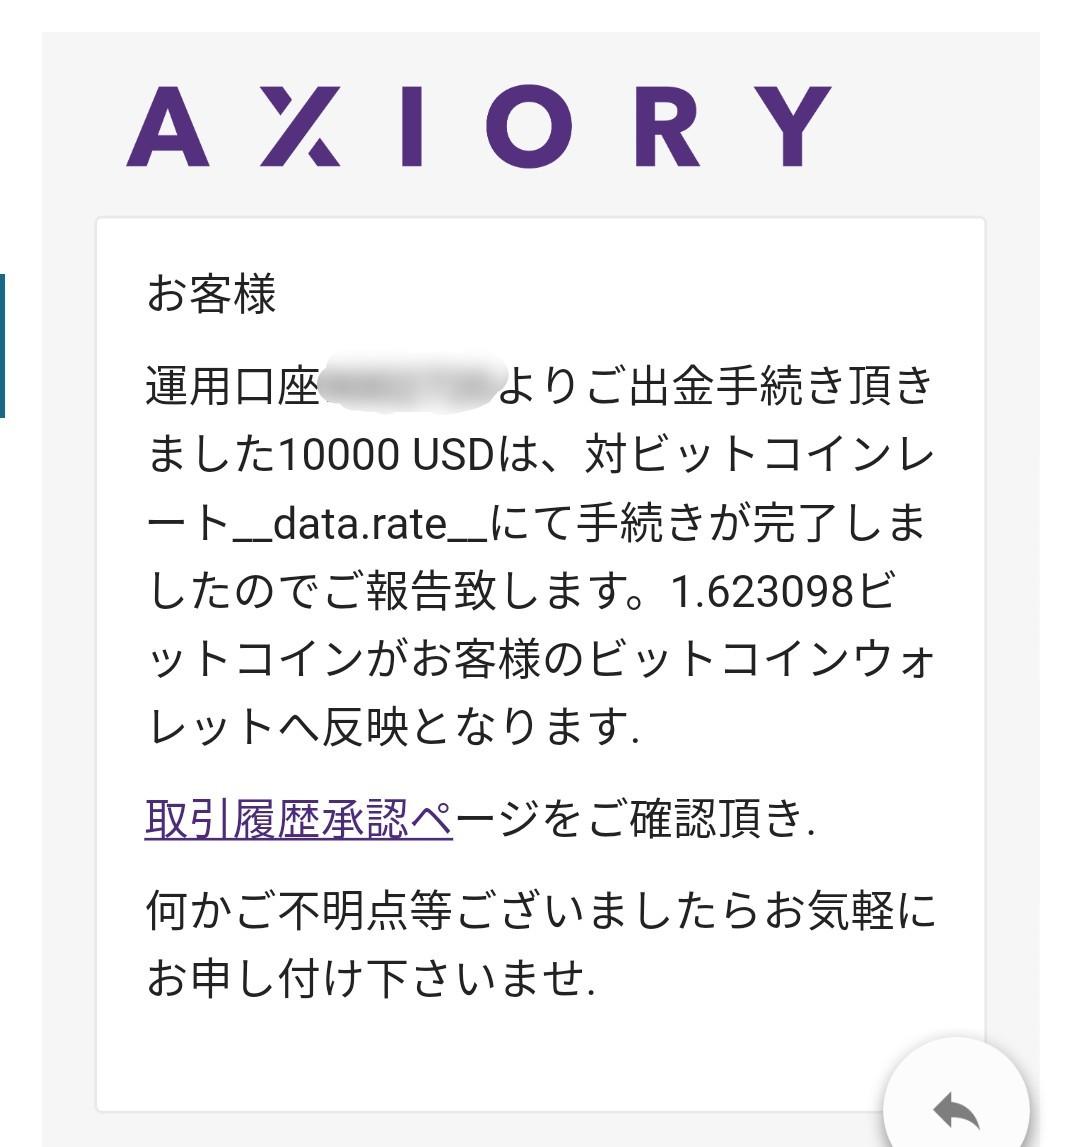 Axioryからビットコインで1万ドル出金してみた